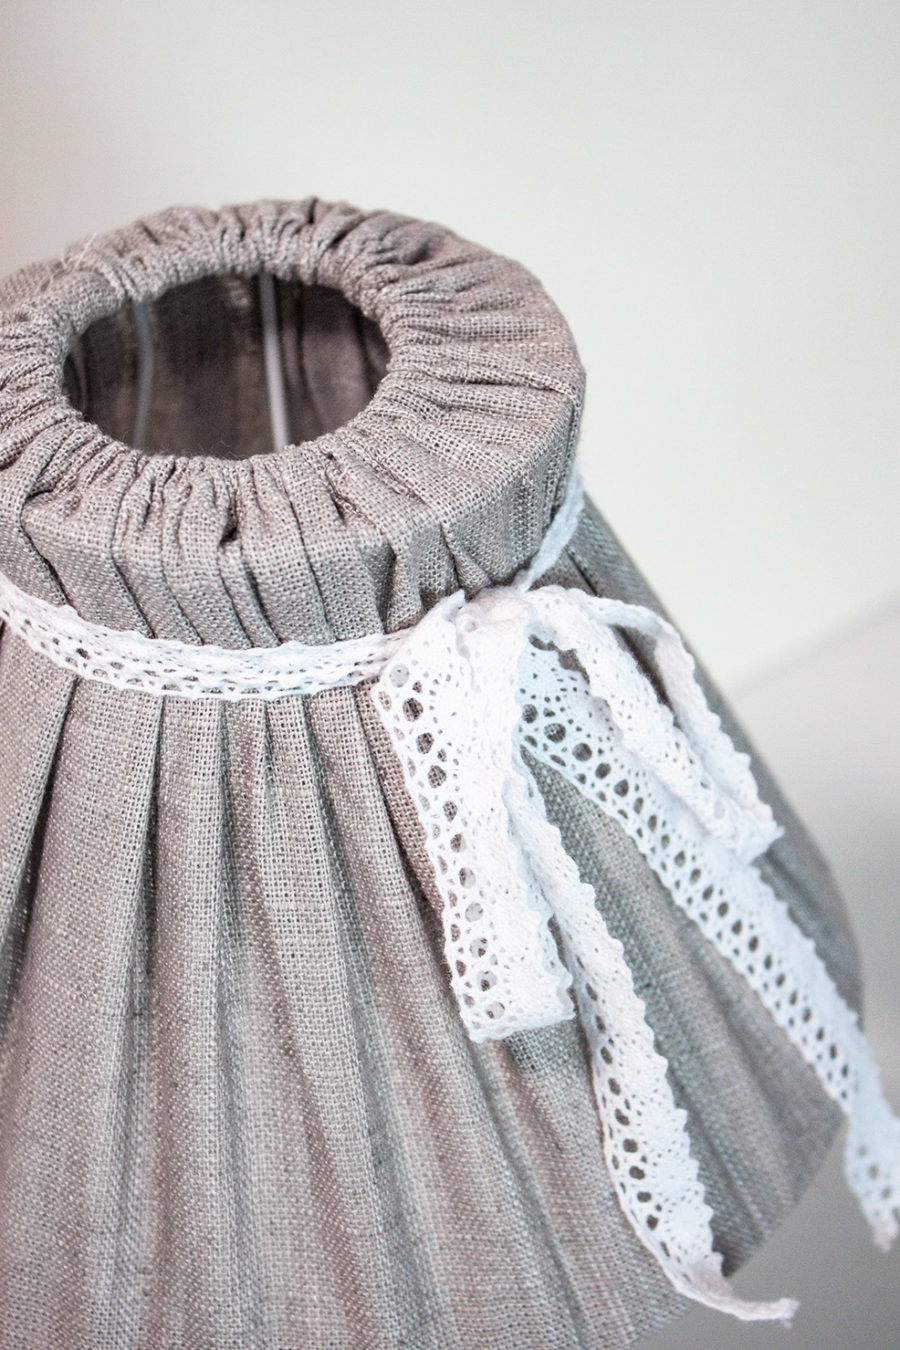 lampada-da-tavolo-conorsetto-paralume-in-stoffa-fiocco-bianco-colore-beige-stile-shabby_amb01